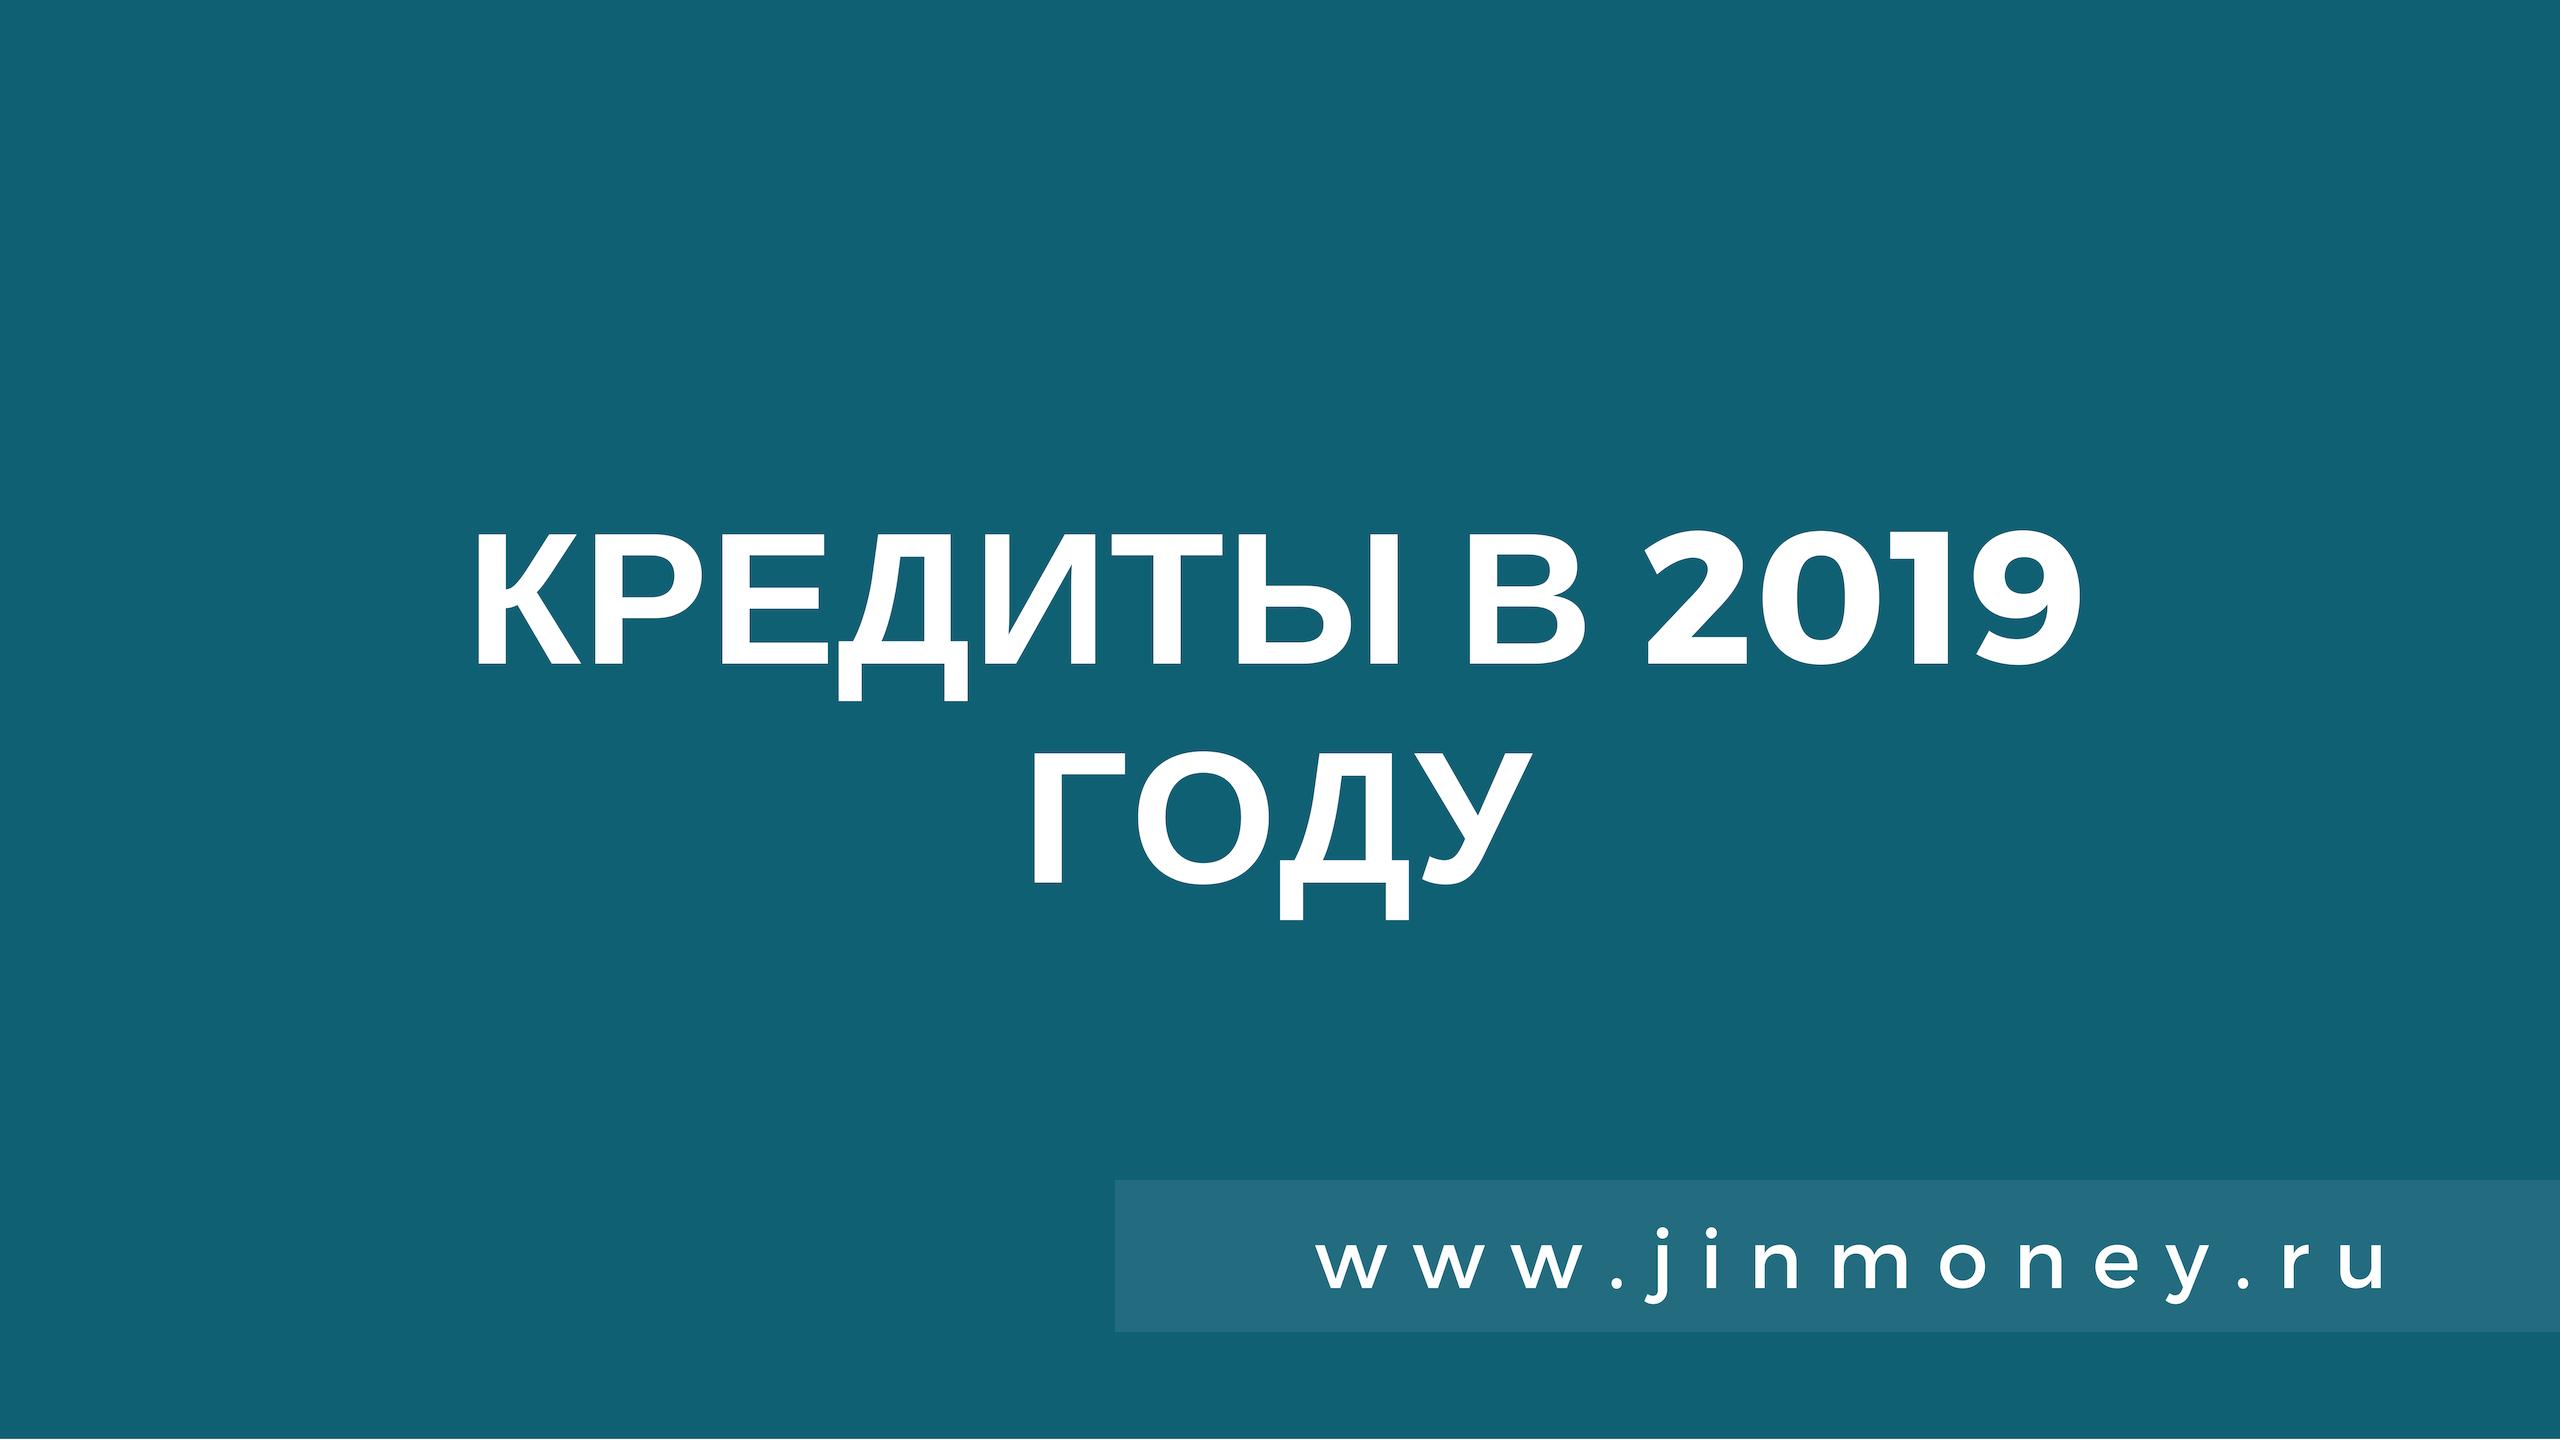 изменения в кредитовании 2019